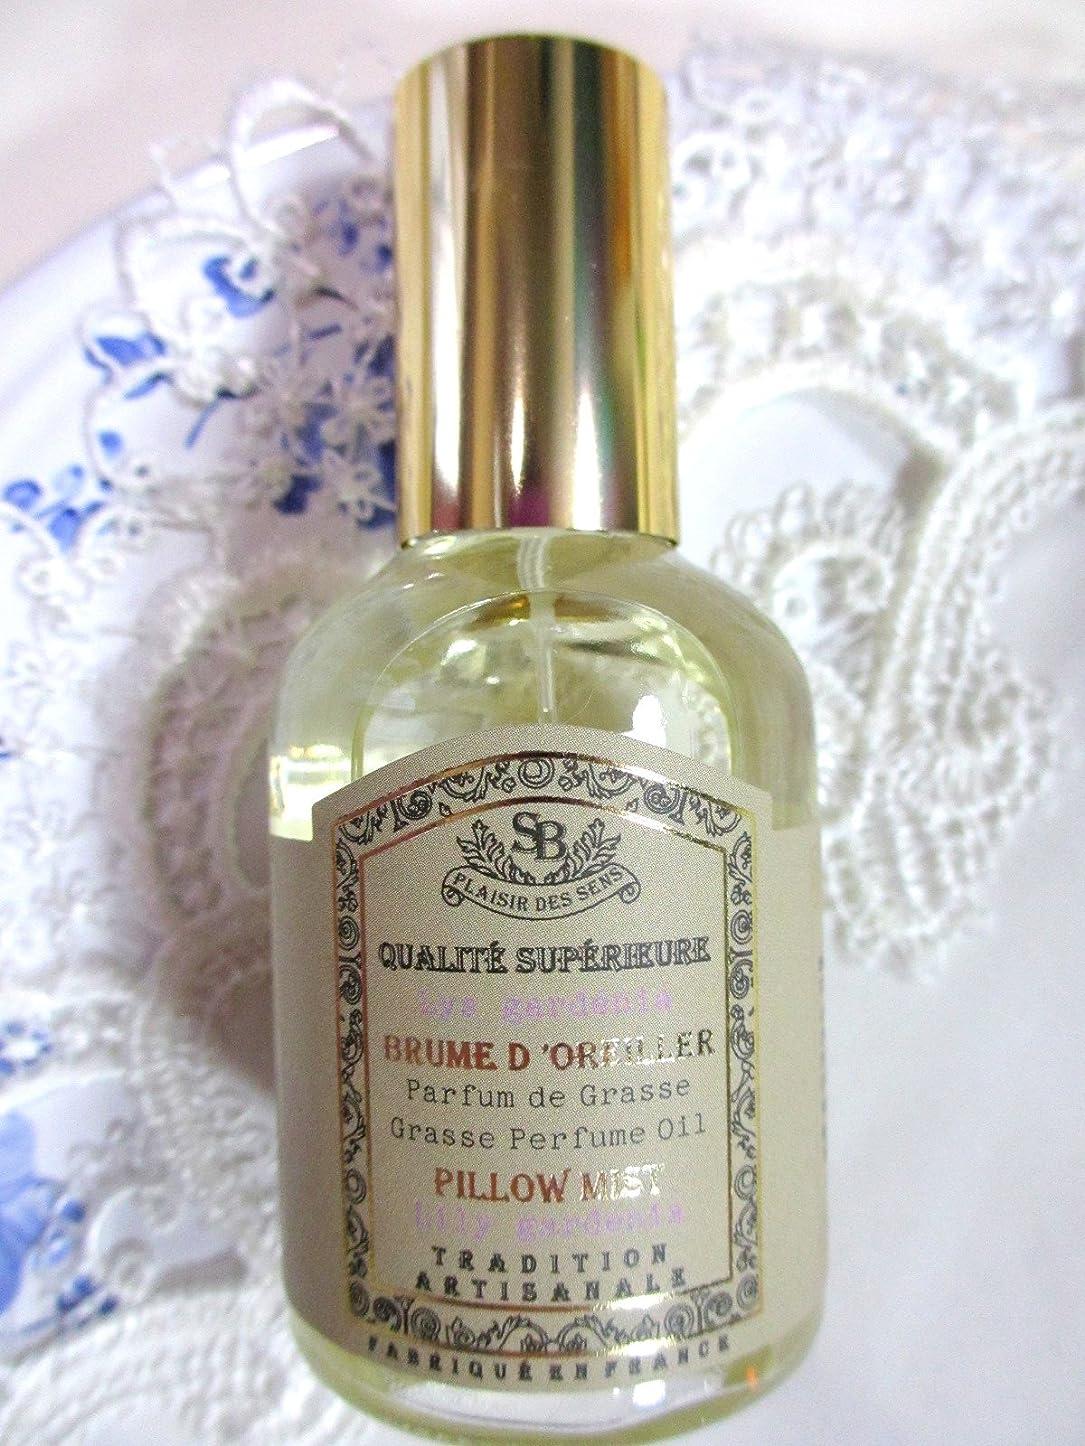 耳ユダヤ人束Senteur et Beaute(サンタールエボーテ) French classic(フレンチクラシックシリーズ) ピローミスト 50ml 「リリーガーデニア」 4994228024367